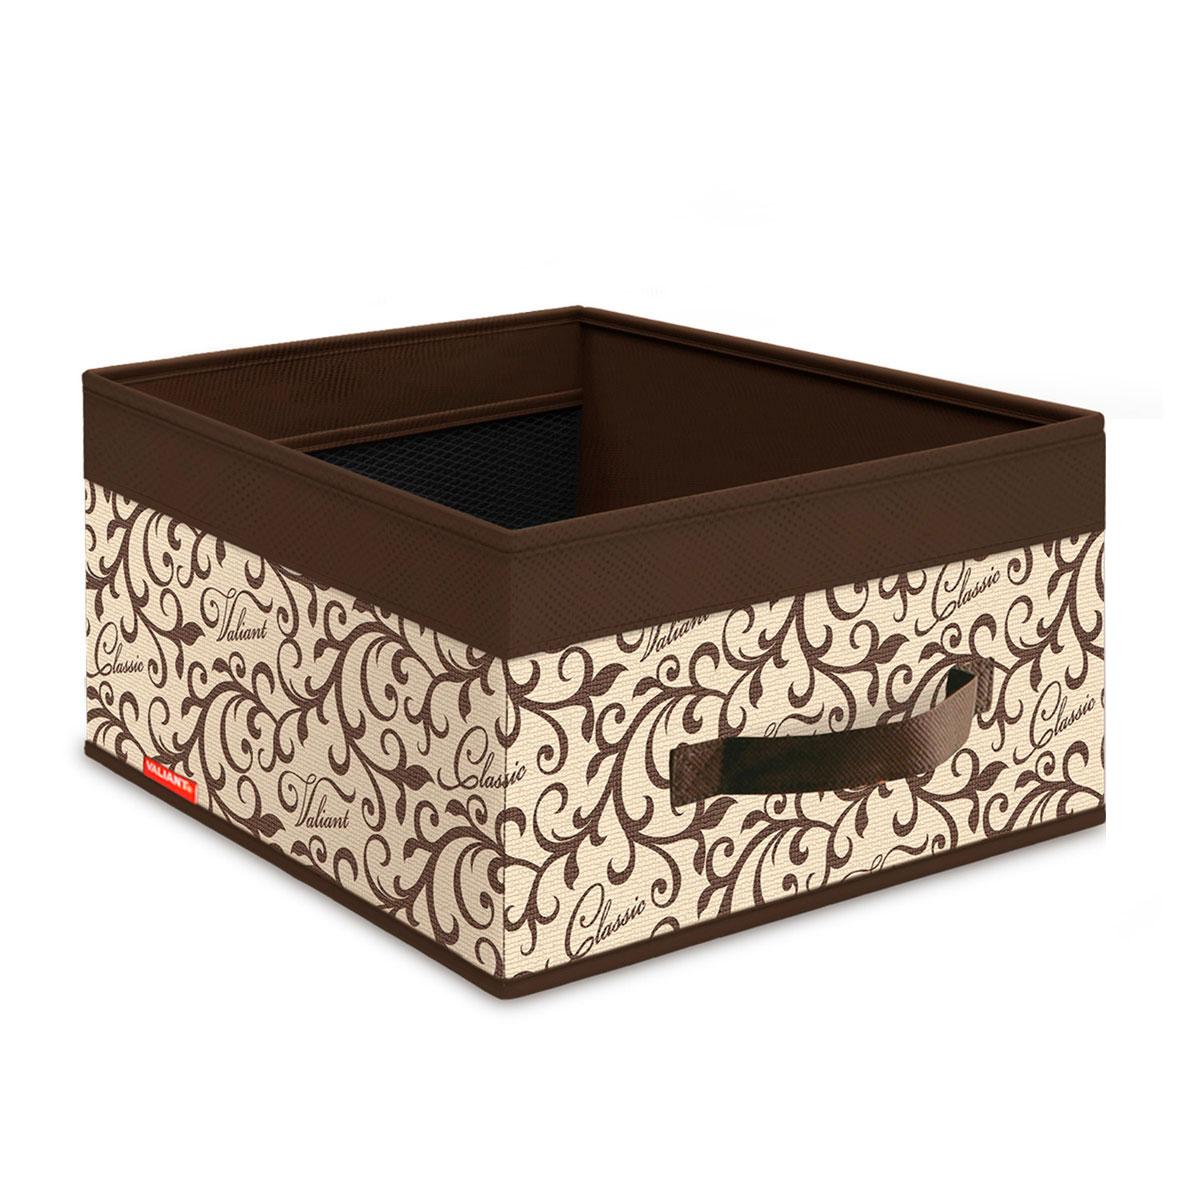 Короб стеллажный Valiant Classic, 35 см х 25 см х 16 смCL-BOX-MСтеллажный короб Valiant Classic изготовлен из высококачественного нетканого материала (спанбонда), который обеспечивает естественную вентиляцию, позволяя воздуху проникать внутрь, но не пропускает пыль. Вставки из плотного картона хорошо держат форму. Короб открытый, без крышки. Изделие отличается мобильностью: легко раскладывается и складывается. В таком коробе удобно хранить одежду, белье и мелкие аксессуары. Сбоку имеется ручка.Системы хранения в едином дизайне сделают вашу гардеробную изысканной и невероятно стильной.